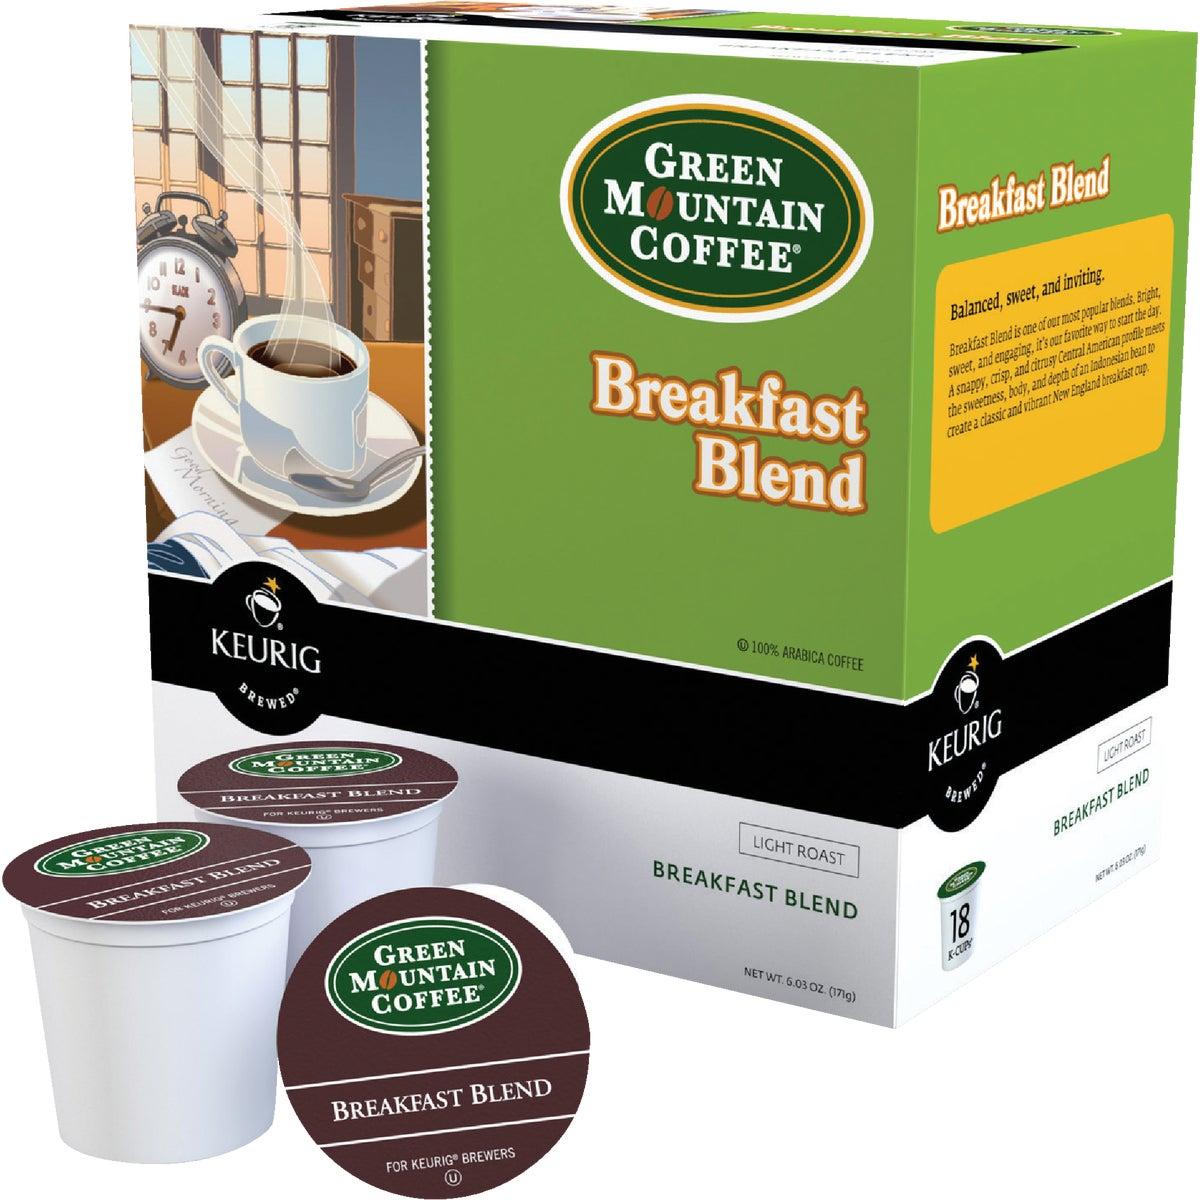 18CT K-CUP BRKFST COFFEE - 00520 by Keurig     M Block